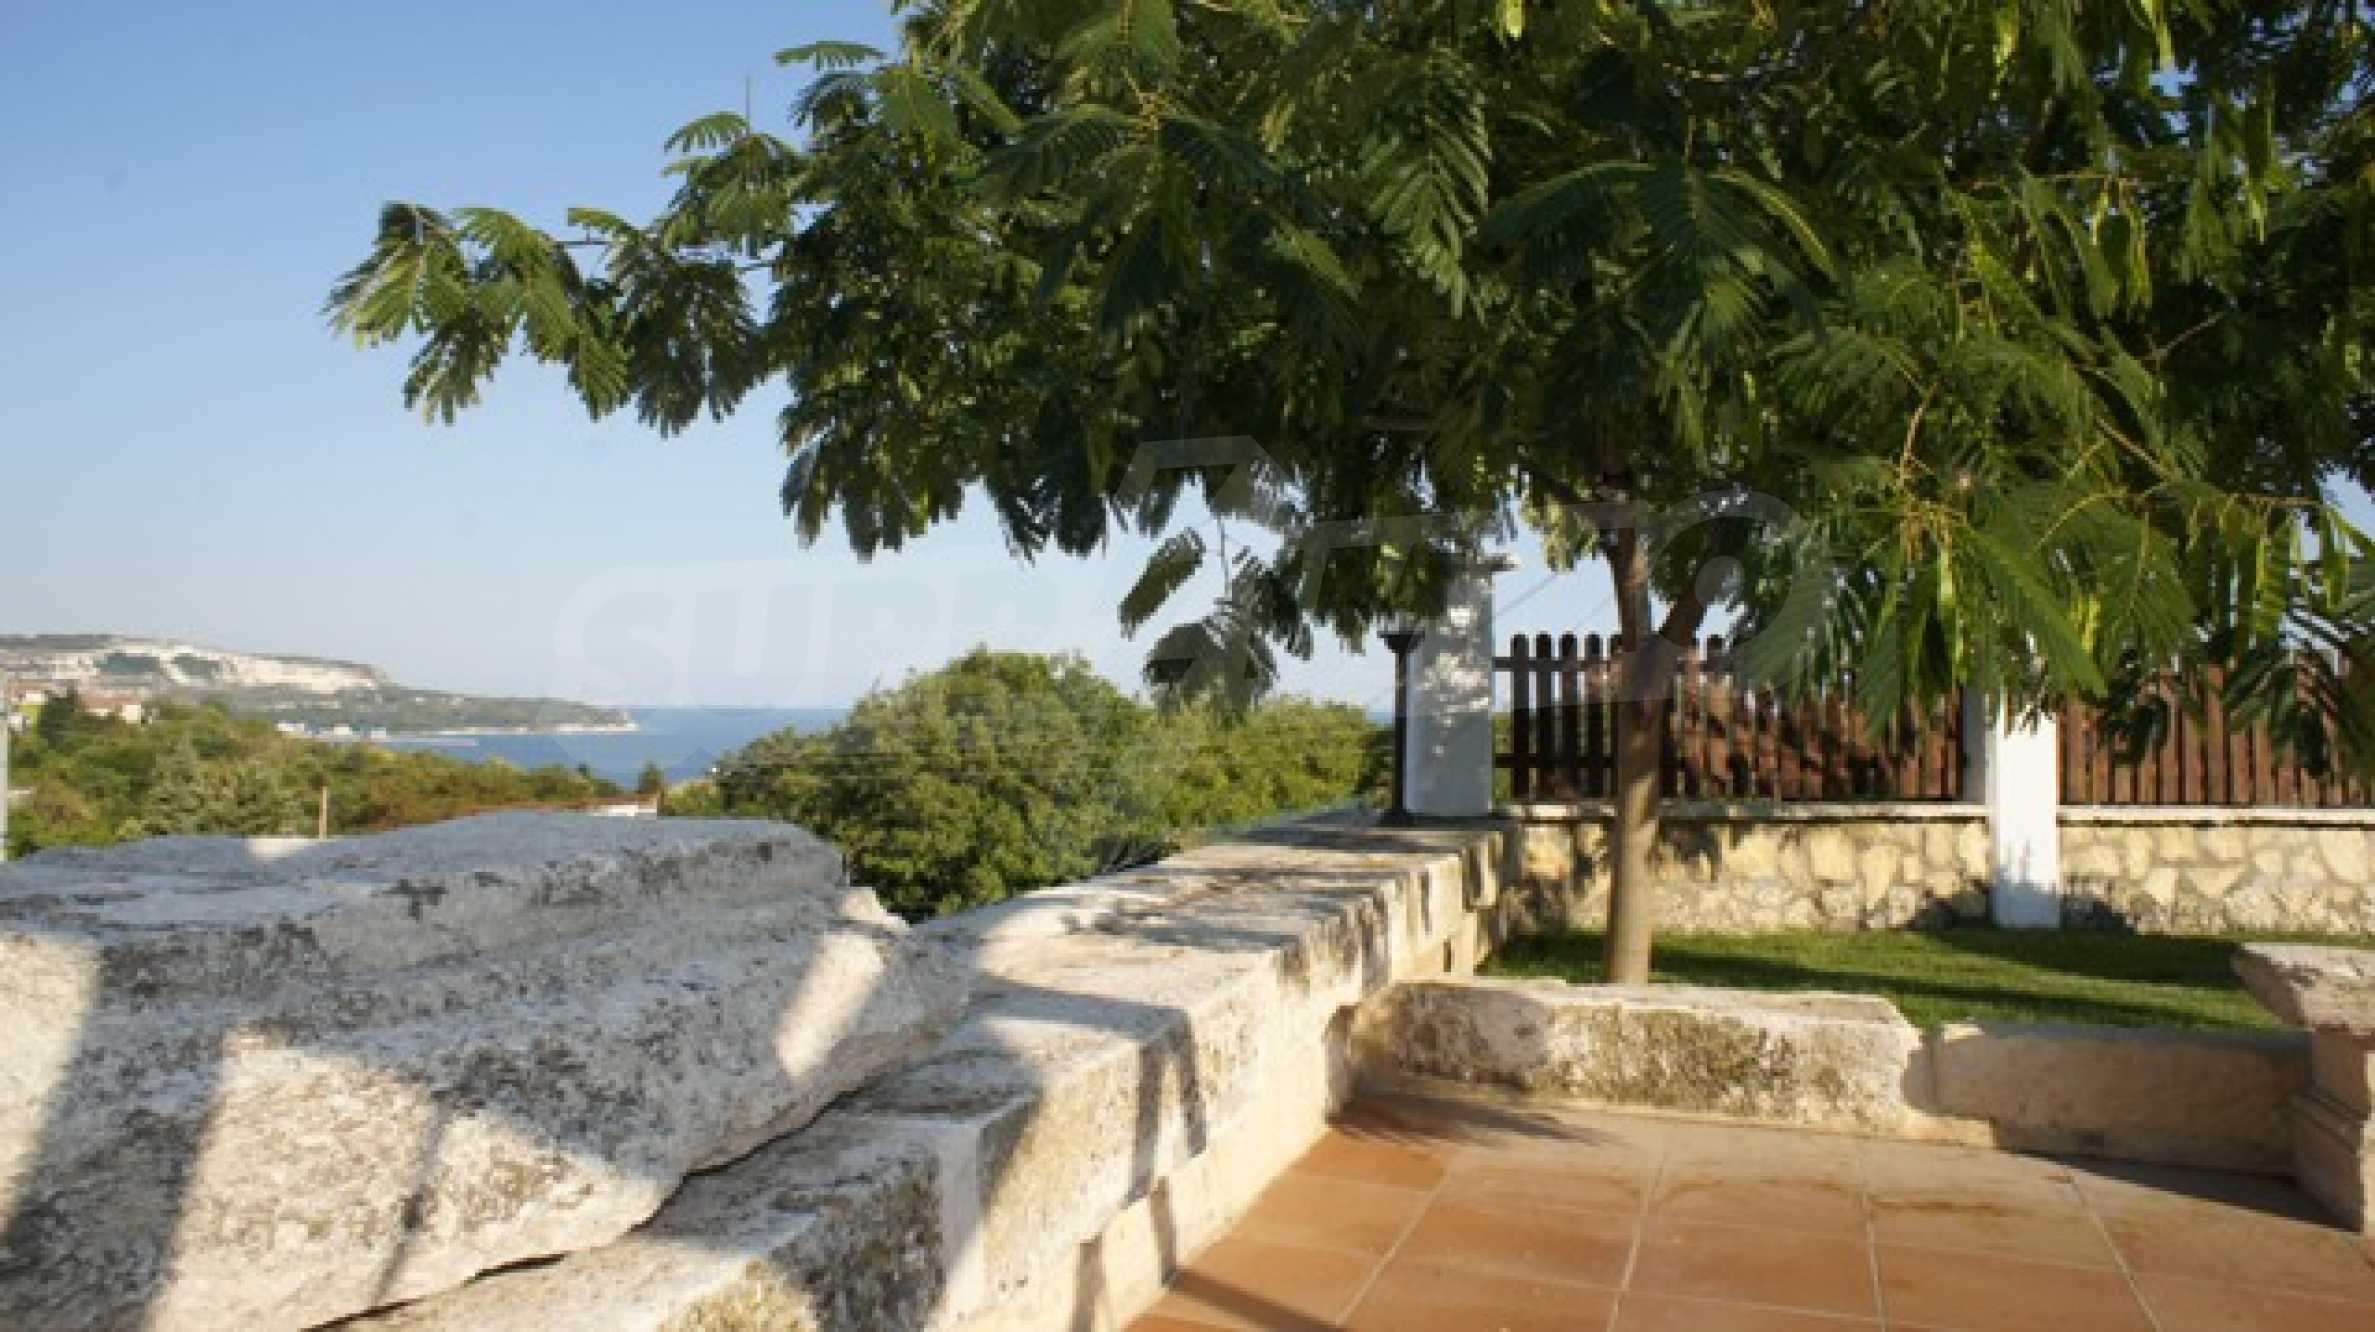 Mediterraner Stil - Luxus zum Sonderpreis 17